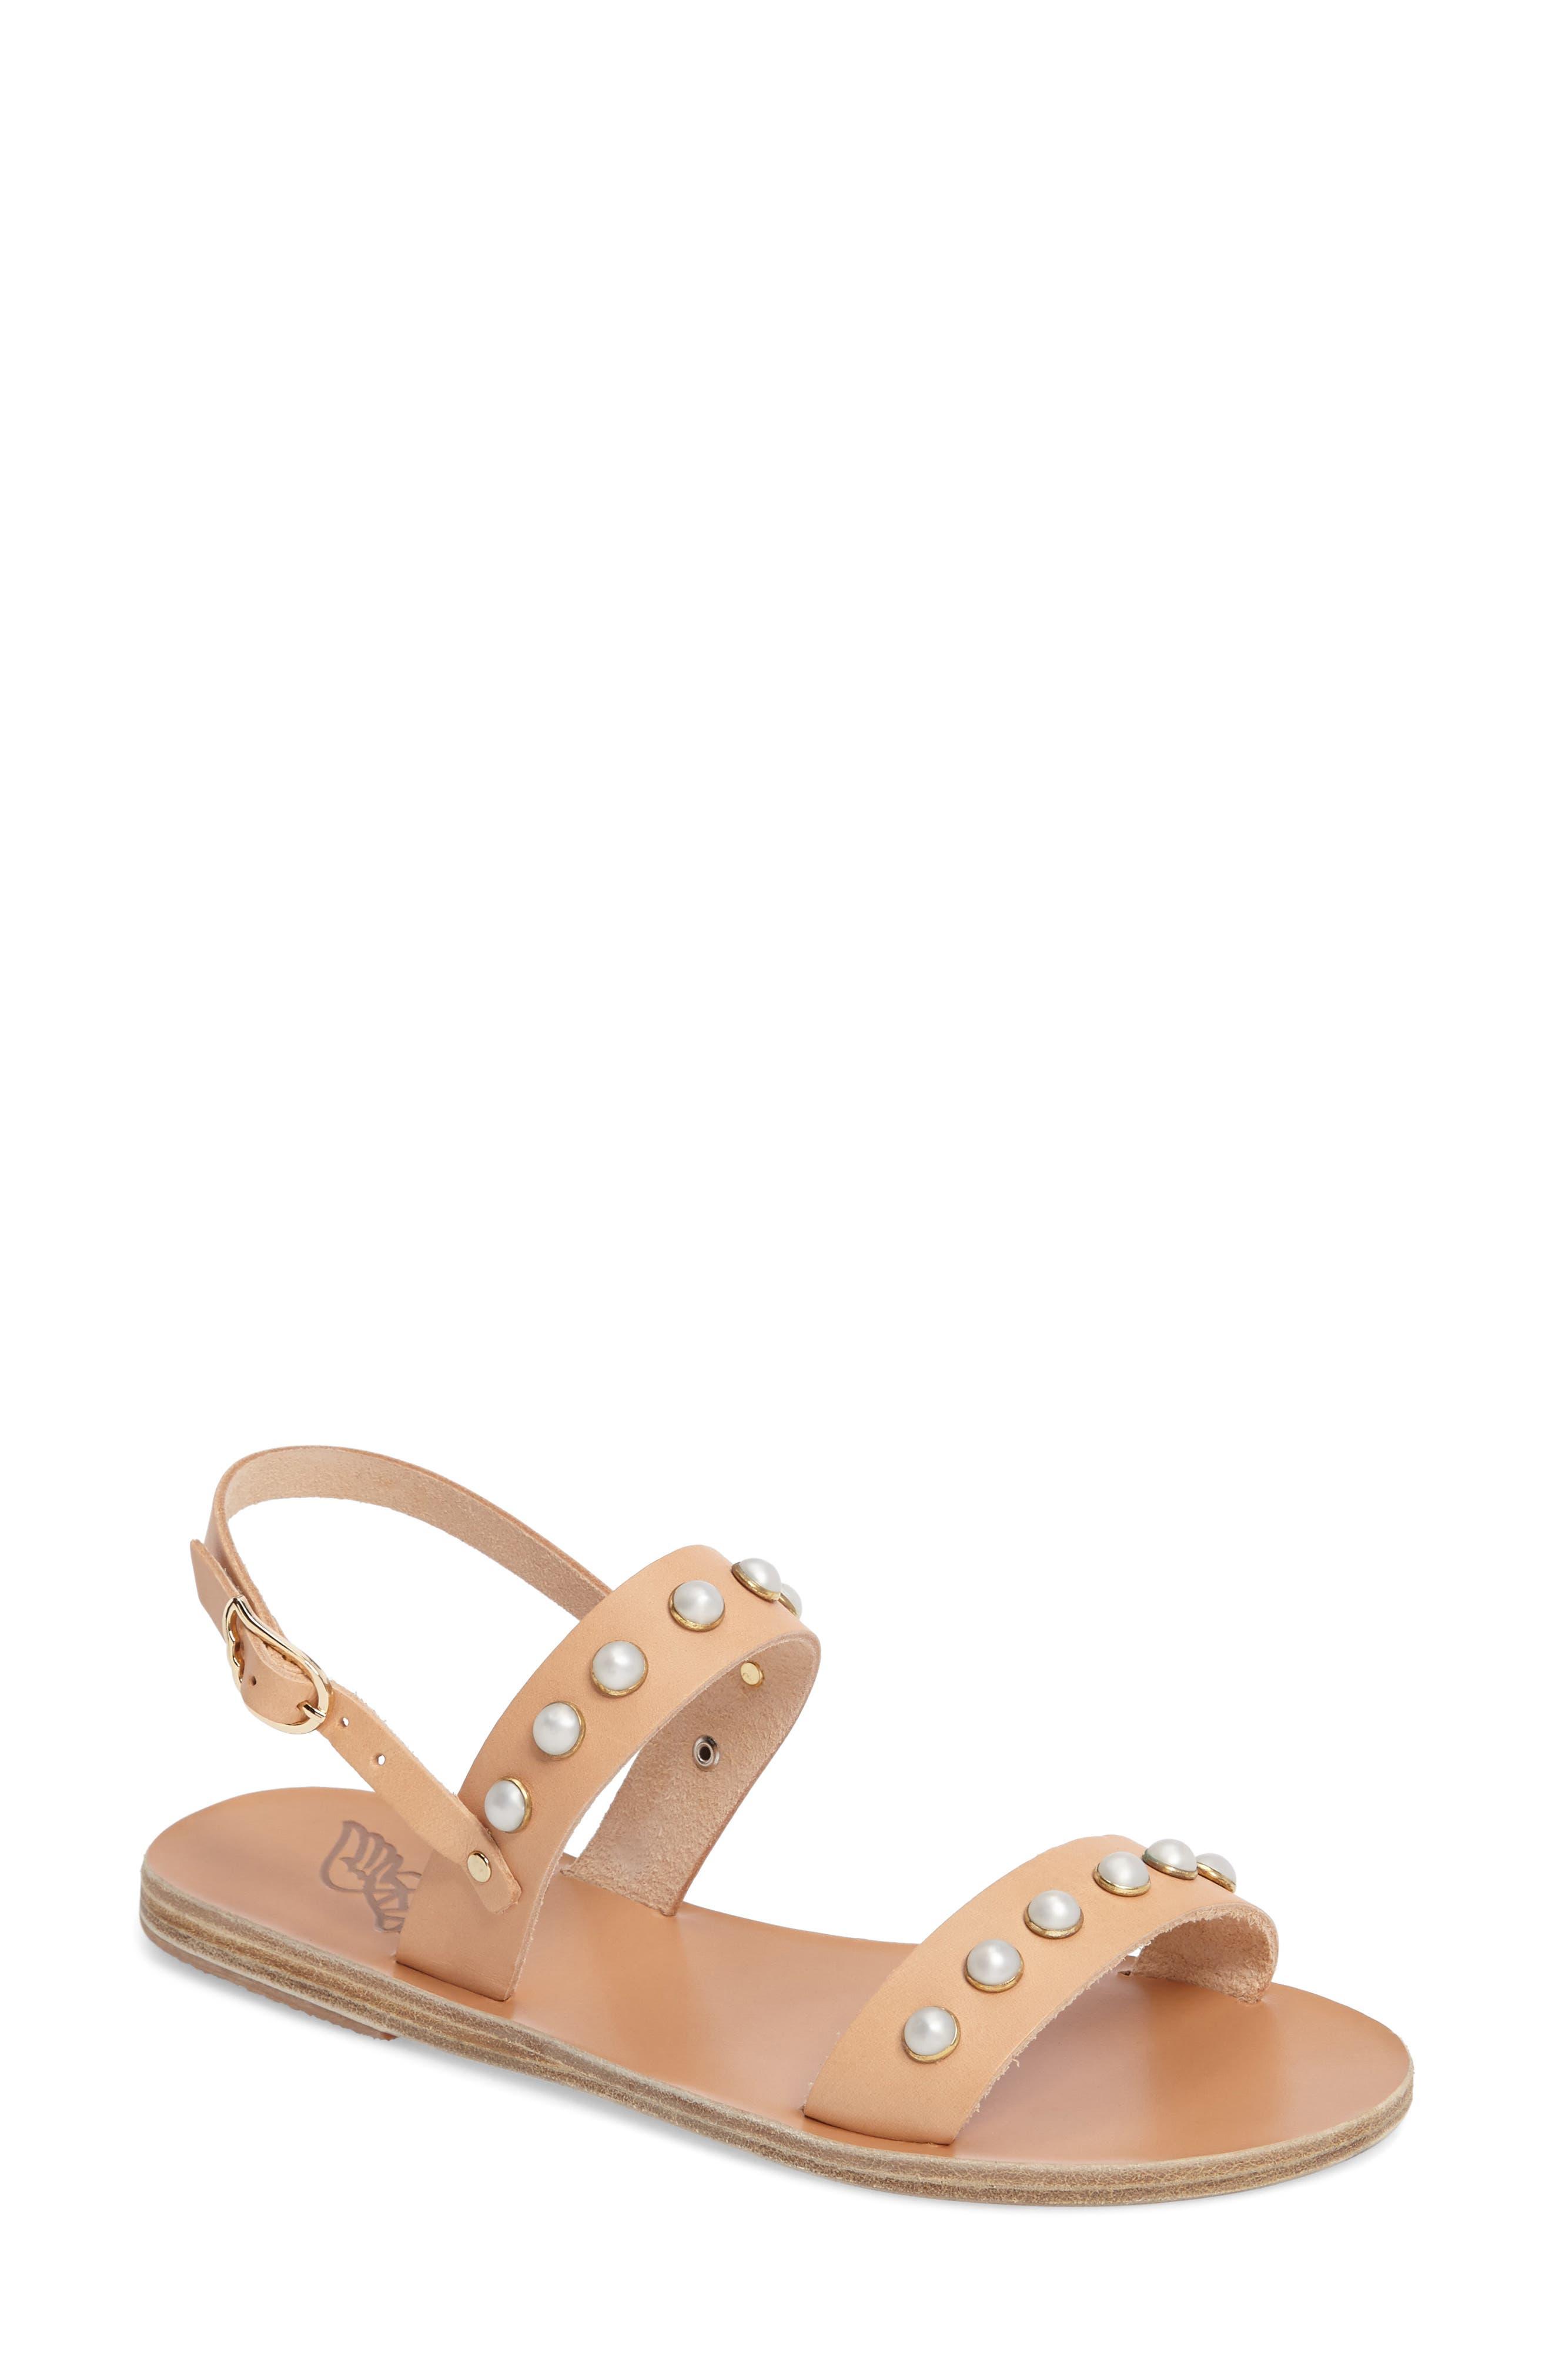 Main Image - Ancient Greek Sandals Clio Sandal (Women)